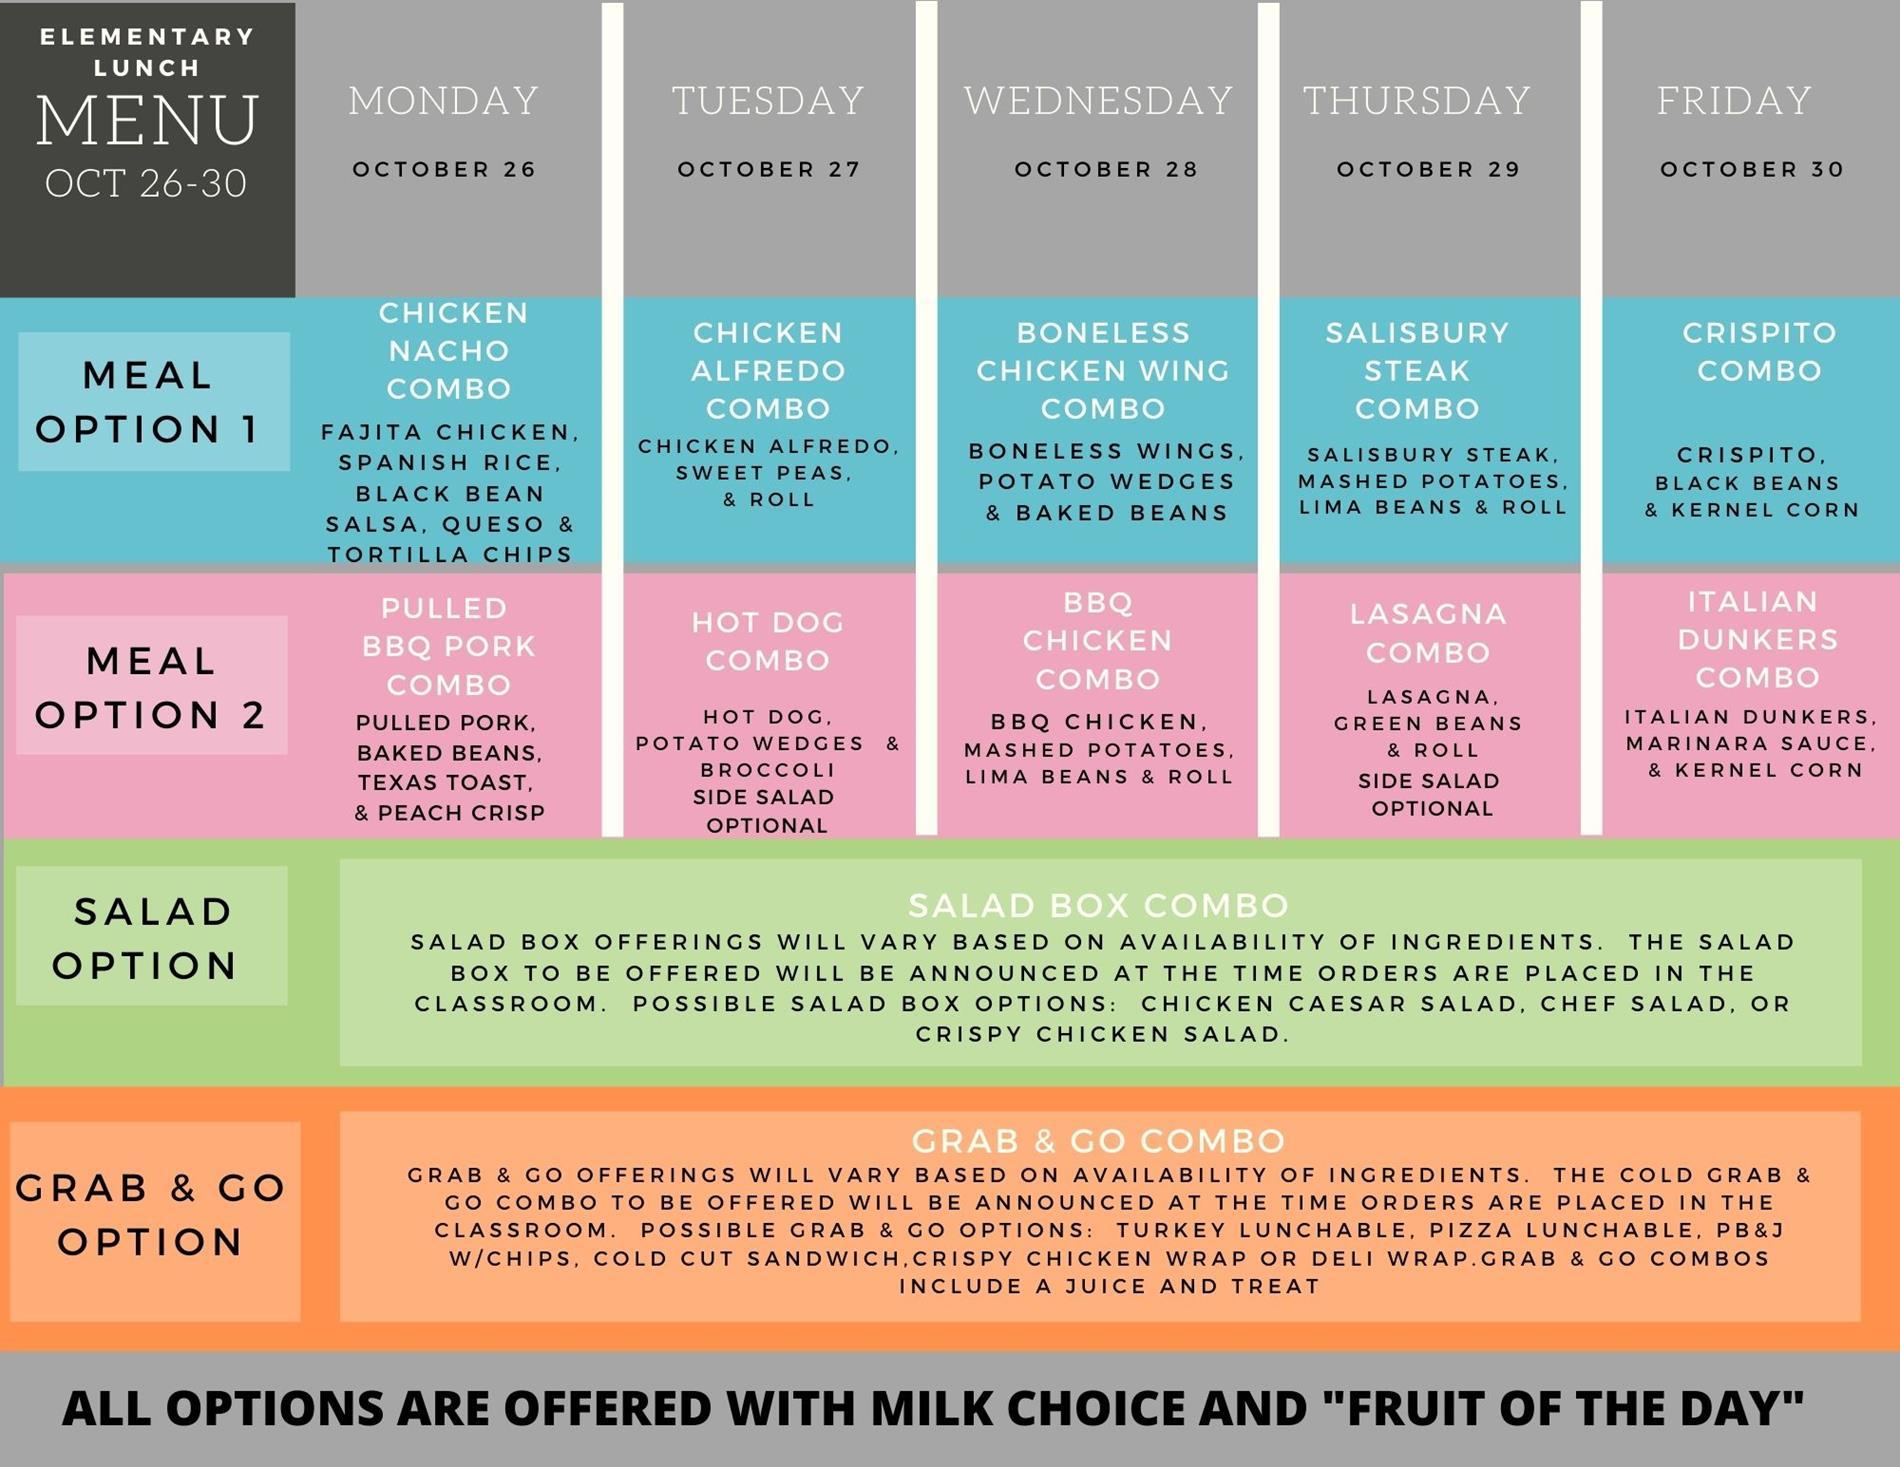 Week of October 26-30 Menu